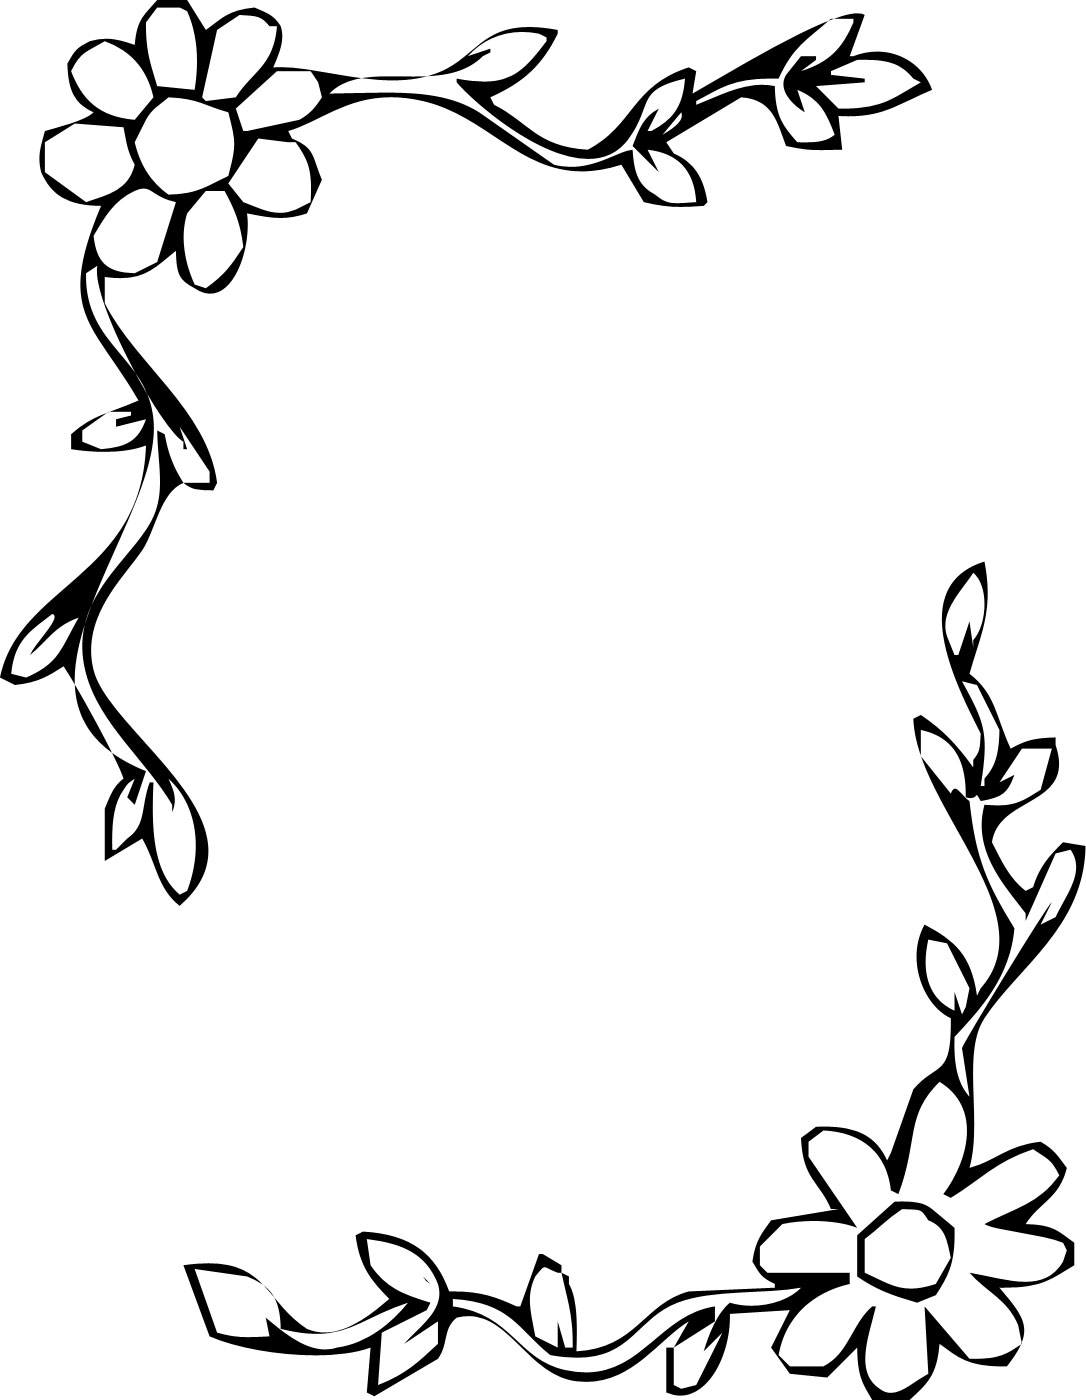 花のイラスト・フリー素材/フレーム枠no.017『白黒・コーナー』